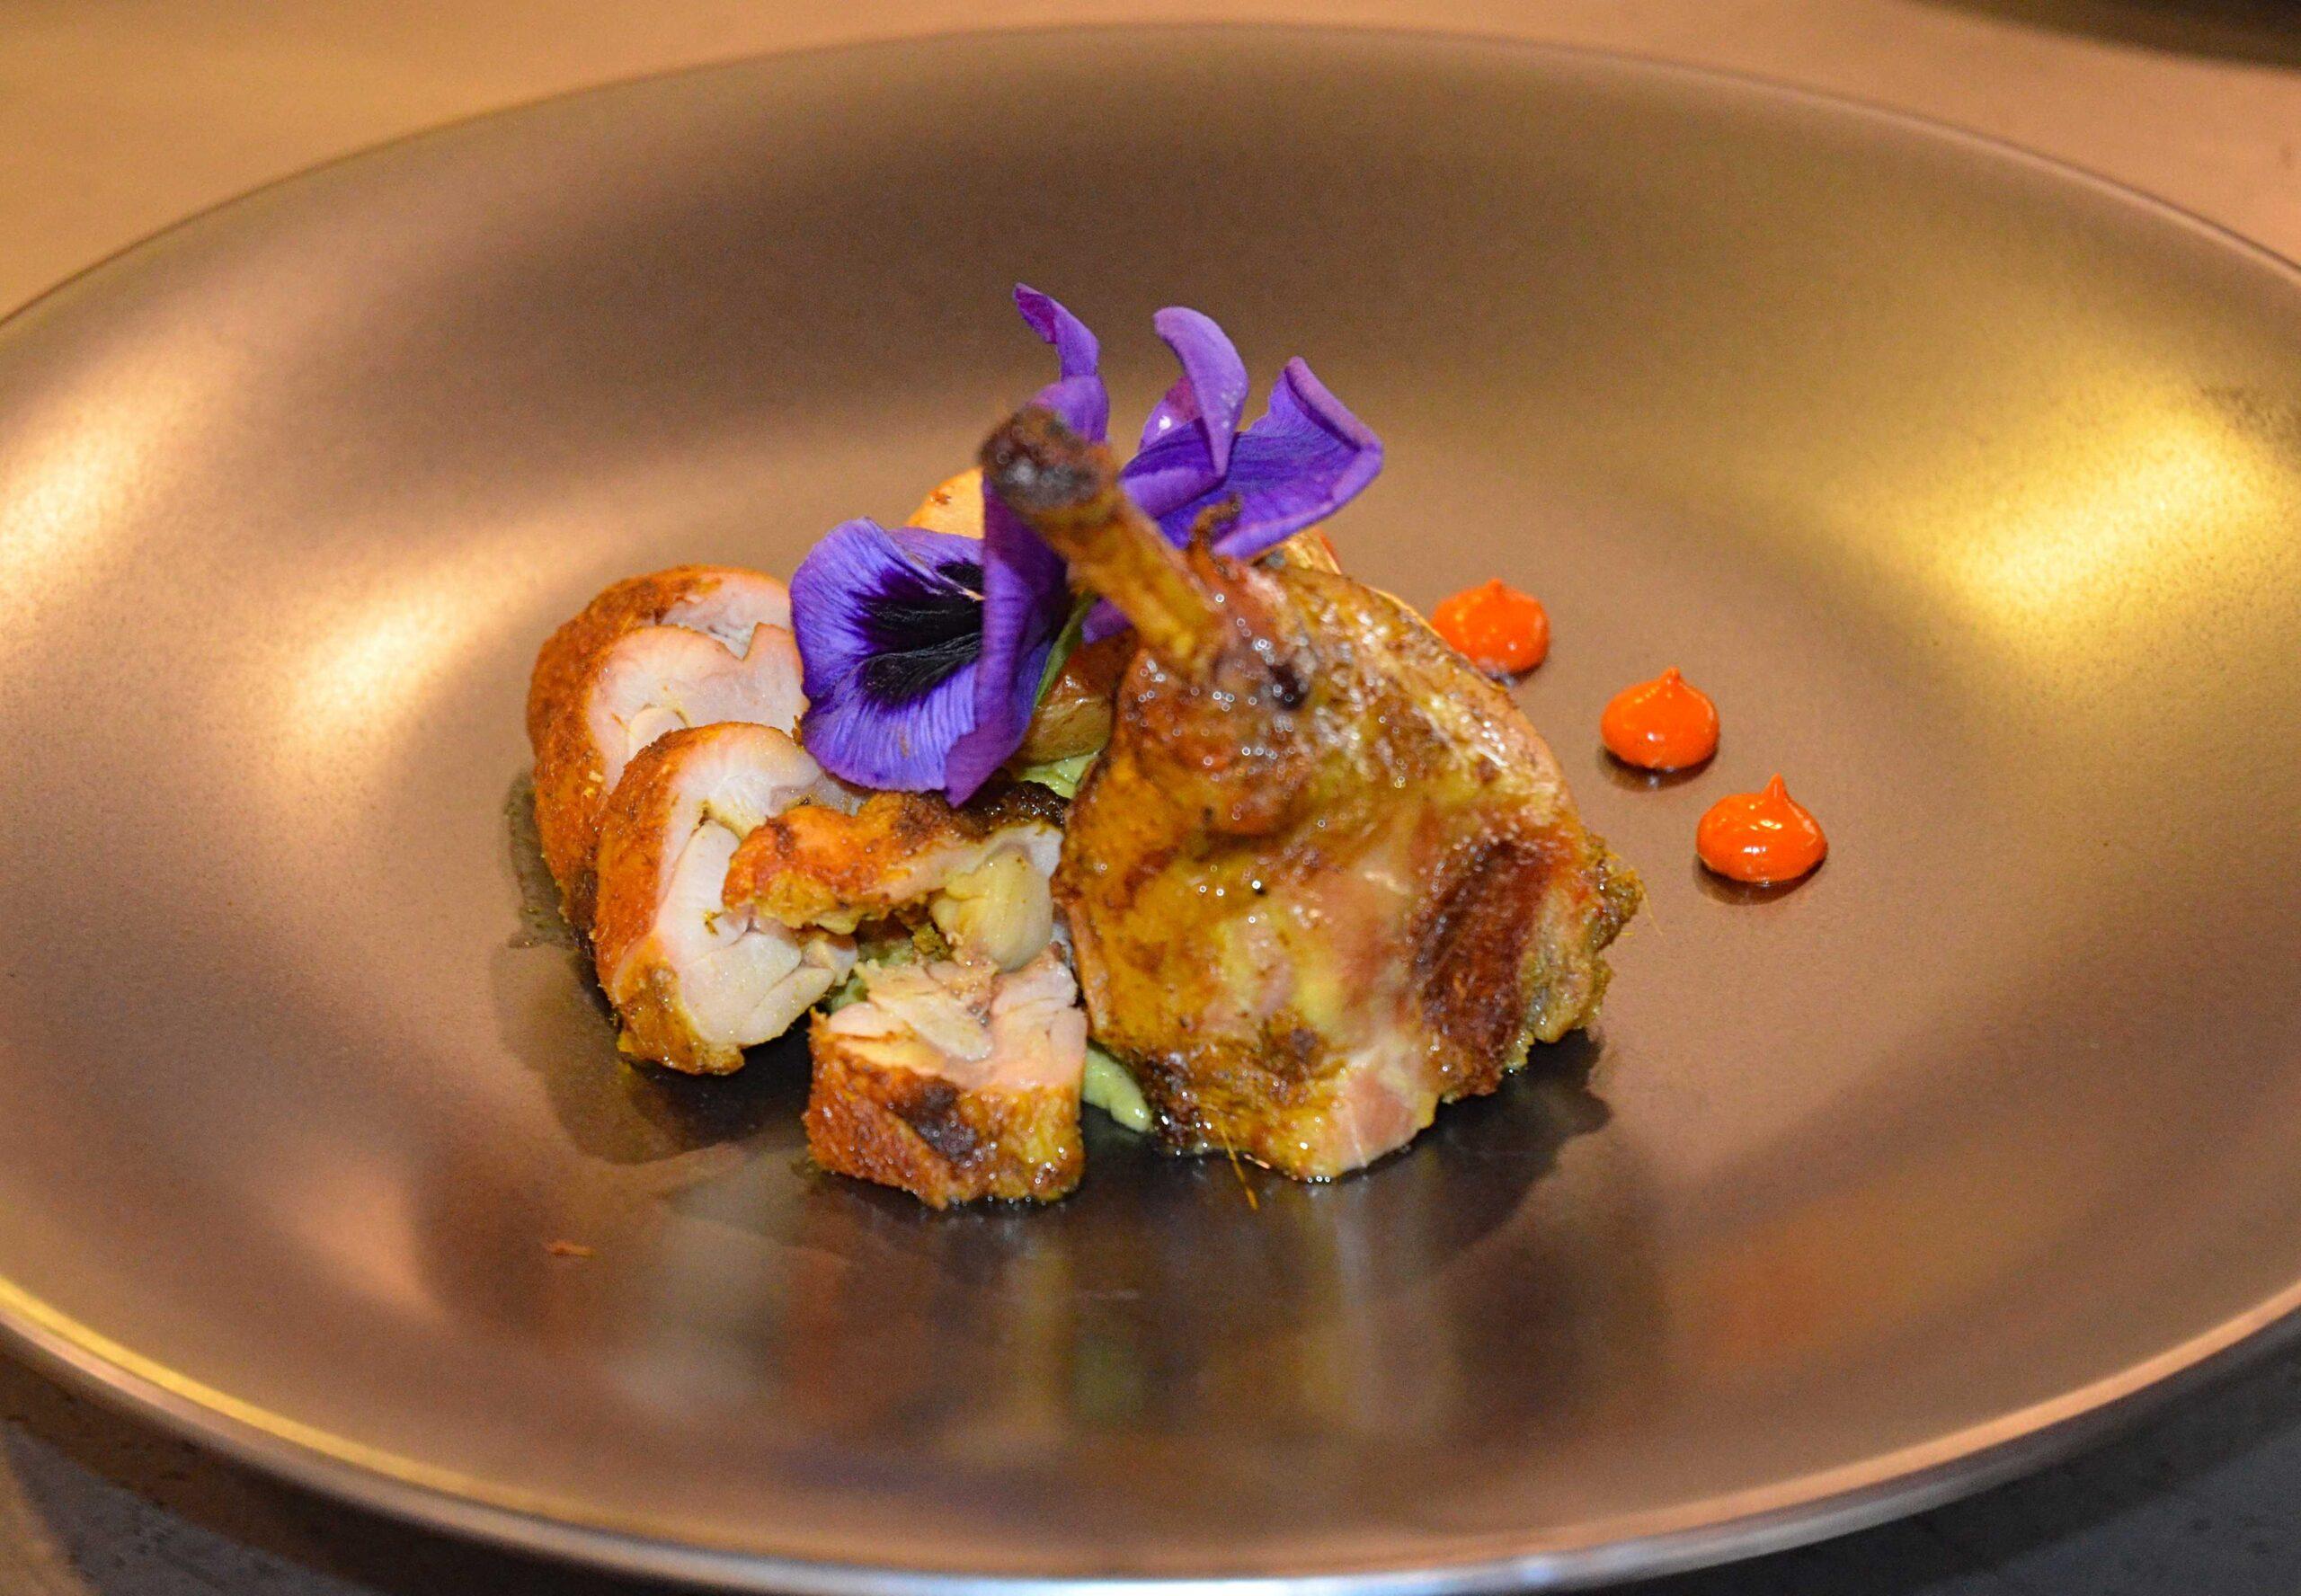 Mikado presenta exquisito menú especial durante el Restaurant Week